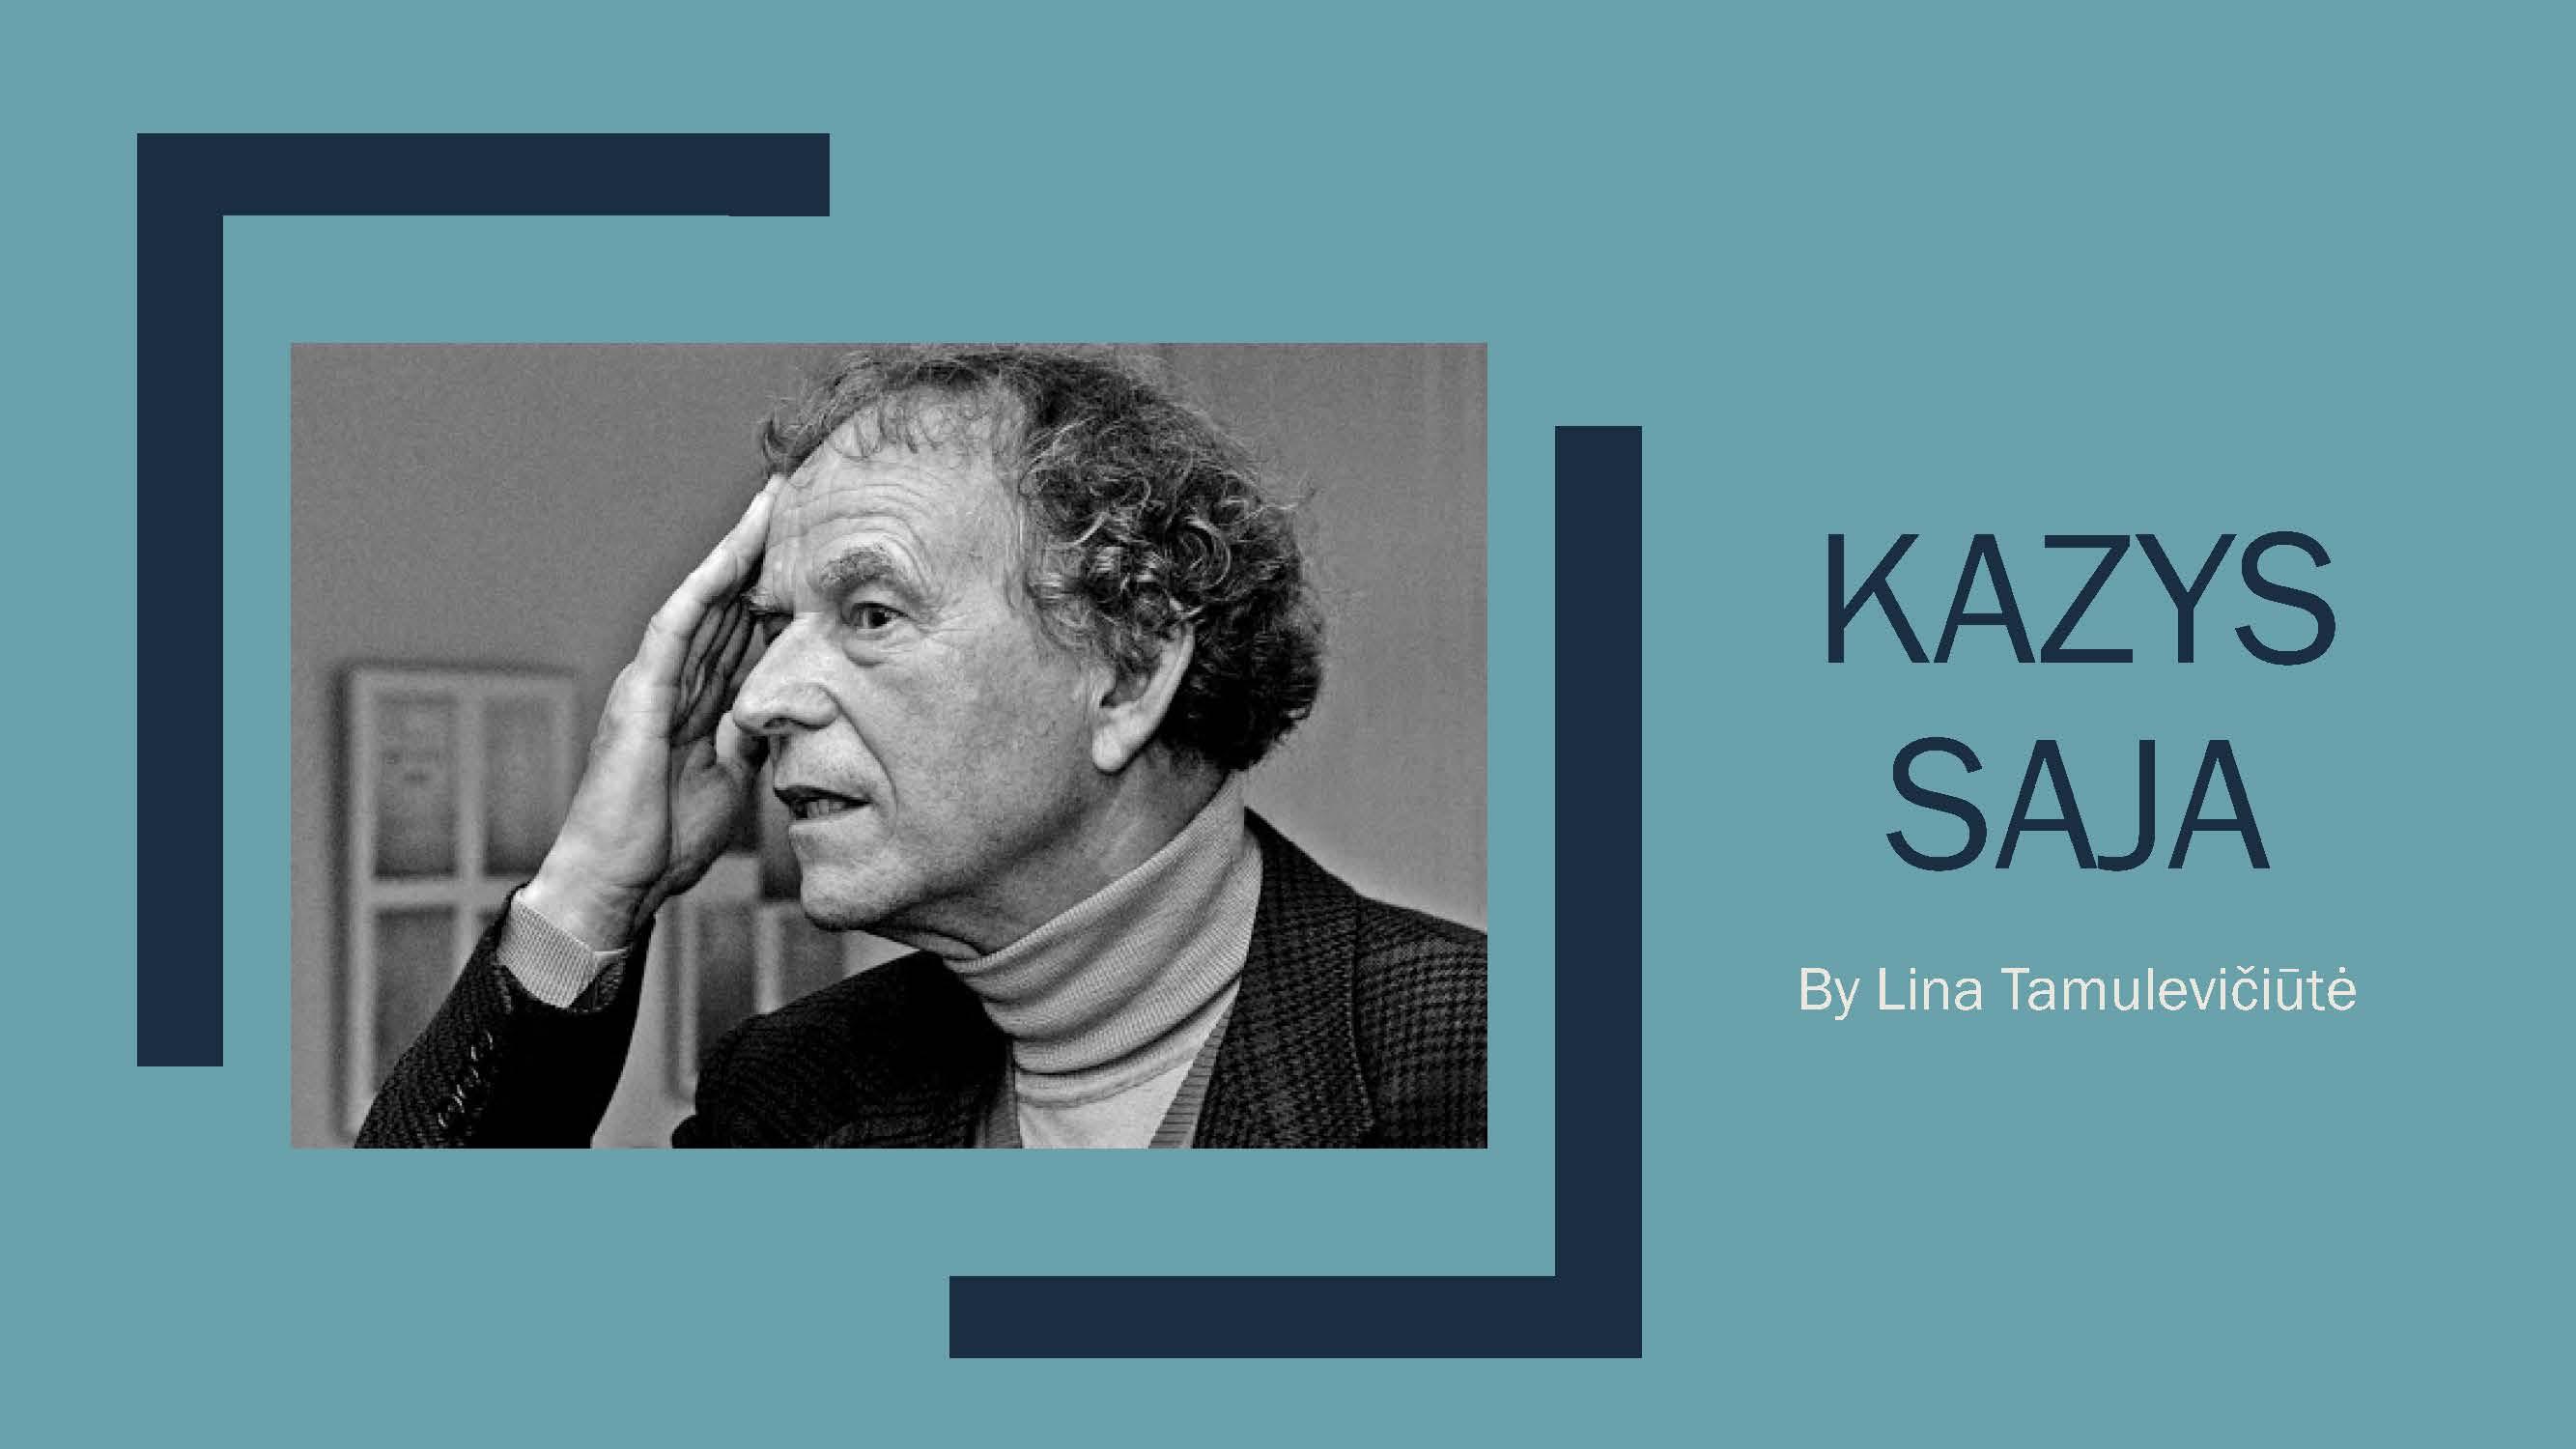 Kazys-Saja_Page_1